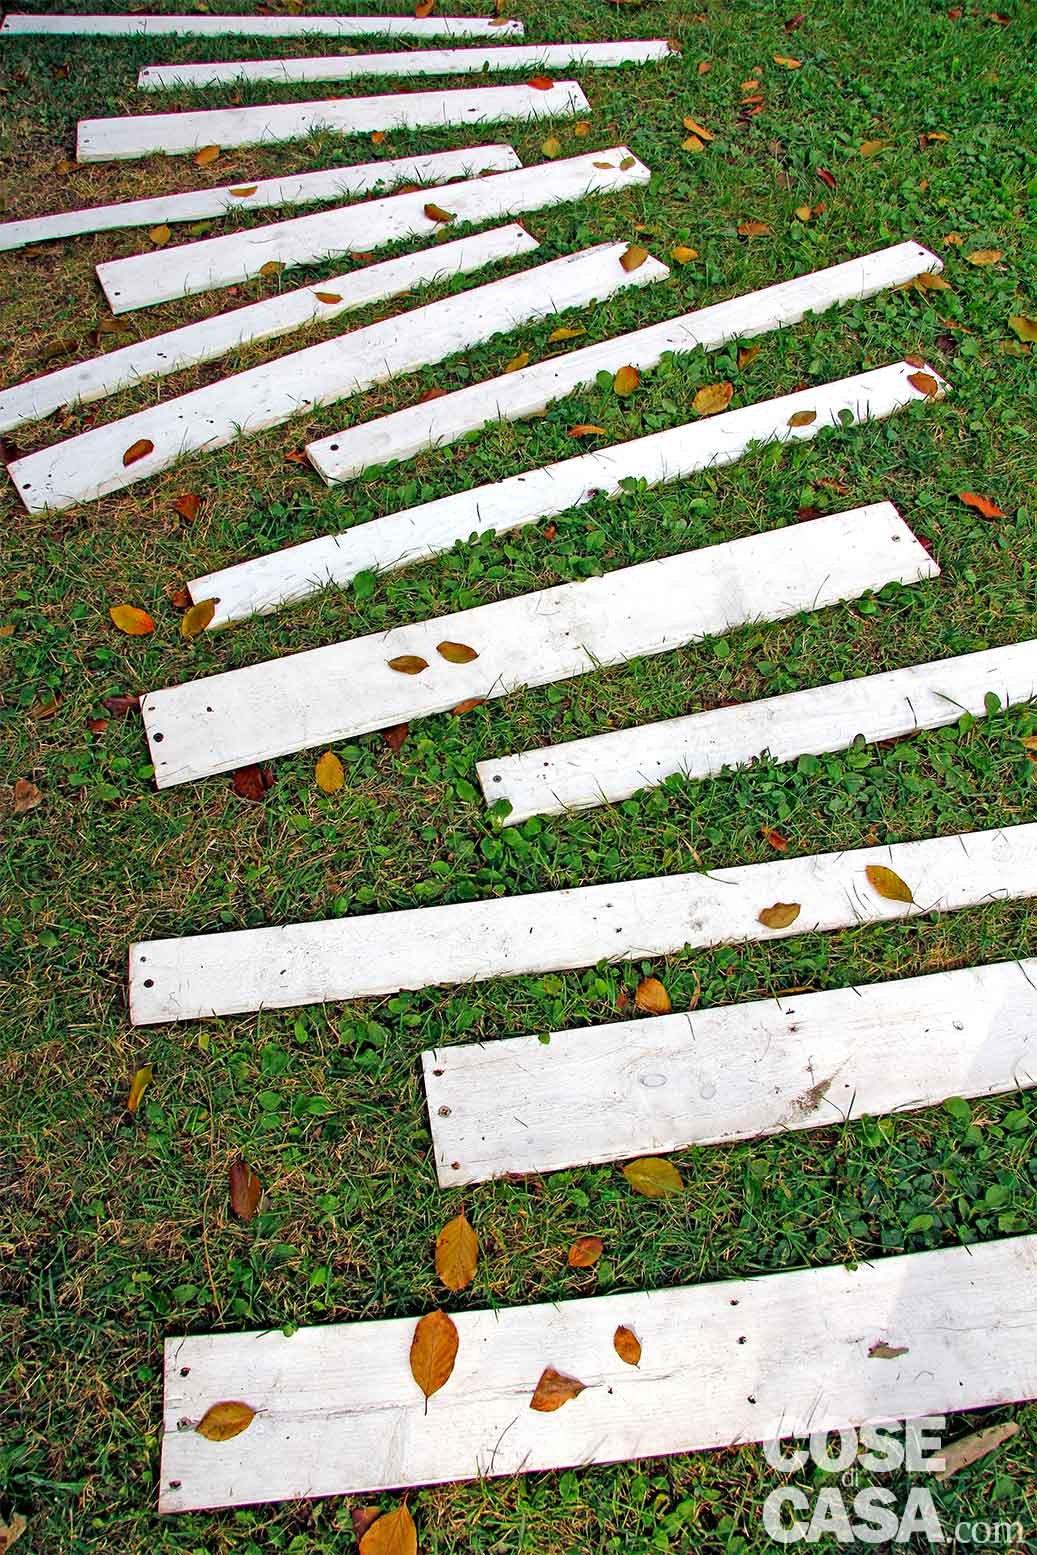 Idee da copiare per valorizzare il giardino cose di casa - Idee da copiare per arredare casa ...